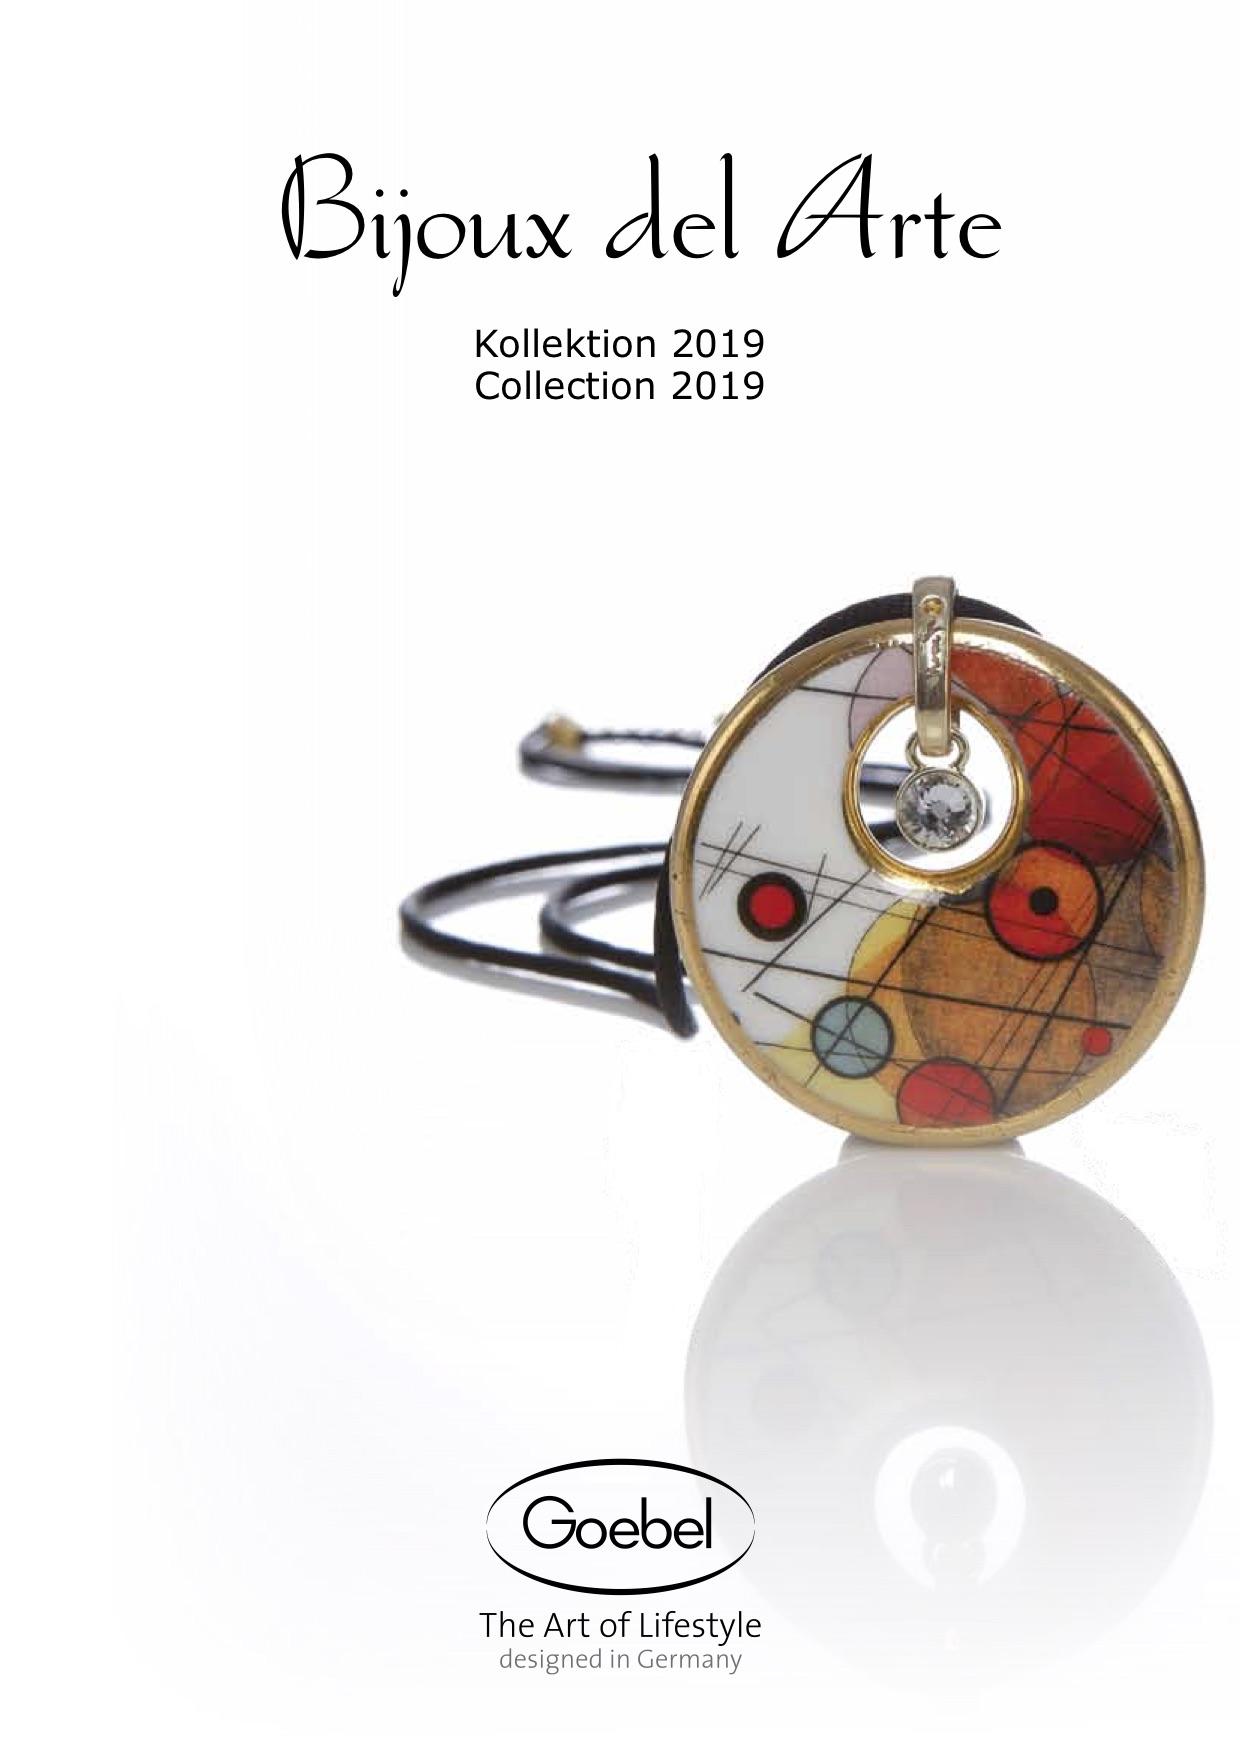 Goebel Katalog Bijoux del arte